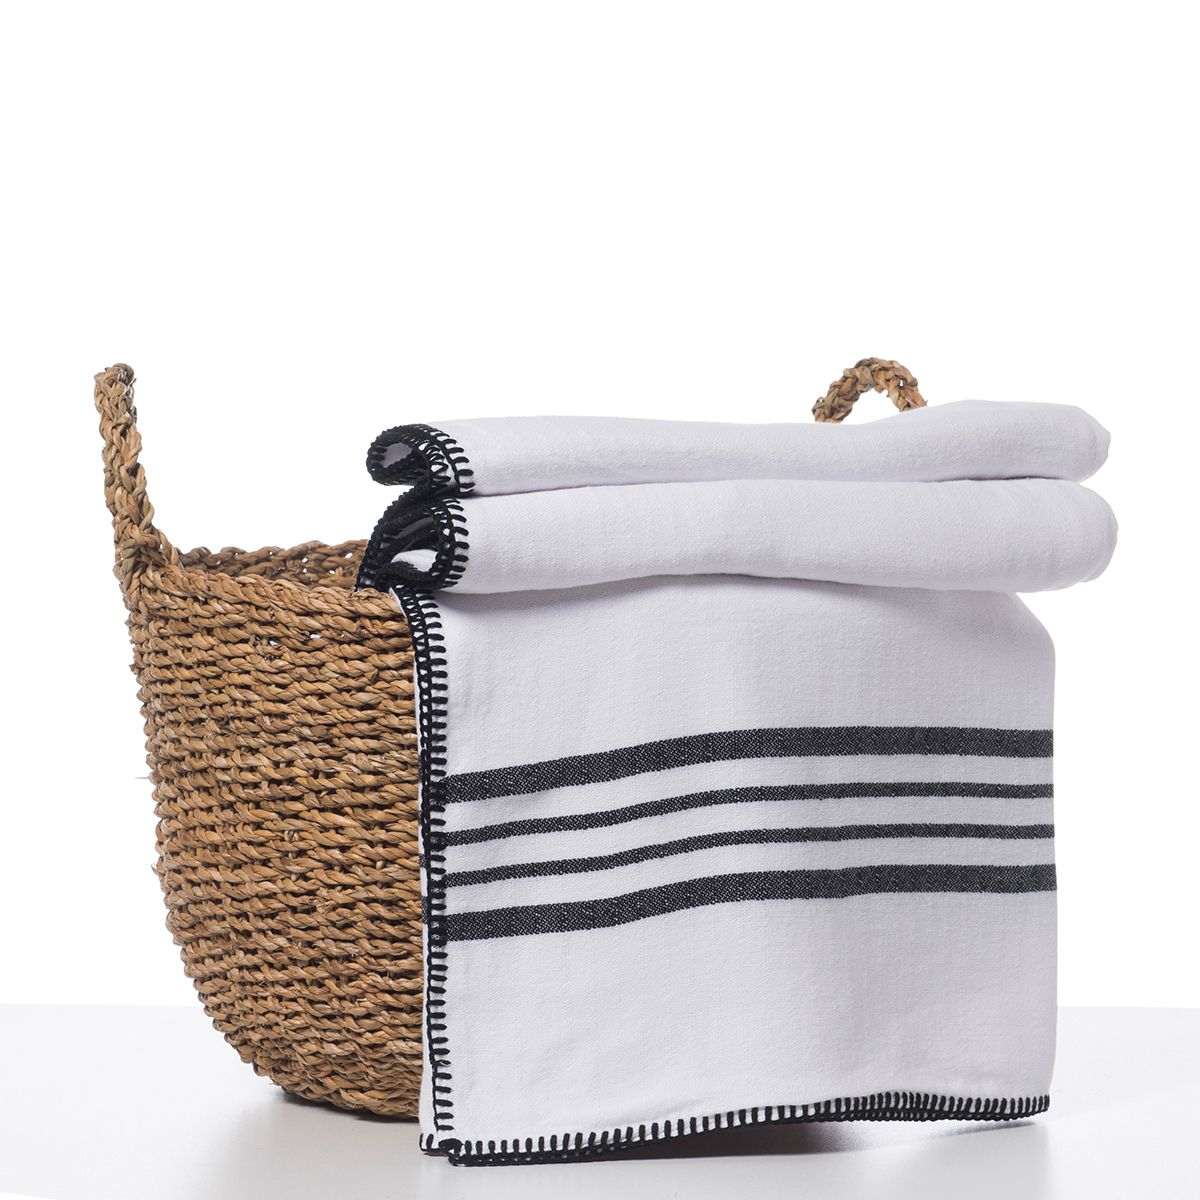 Throw / White Sultan - Double Side / Black stripes